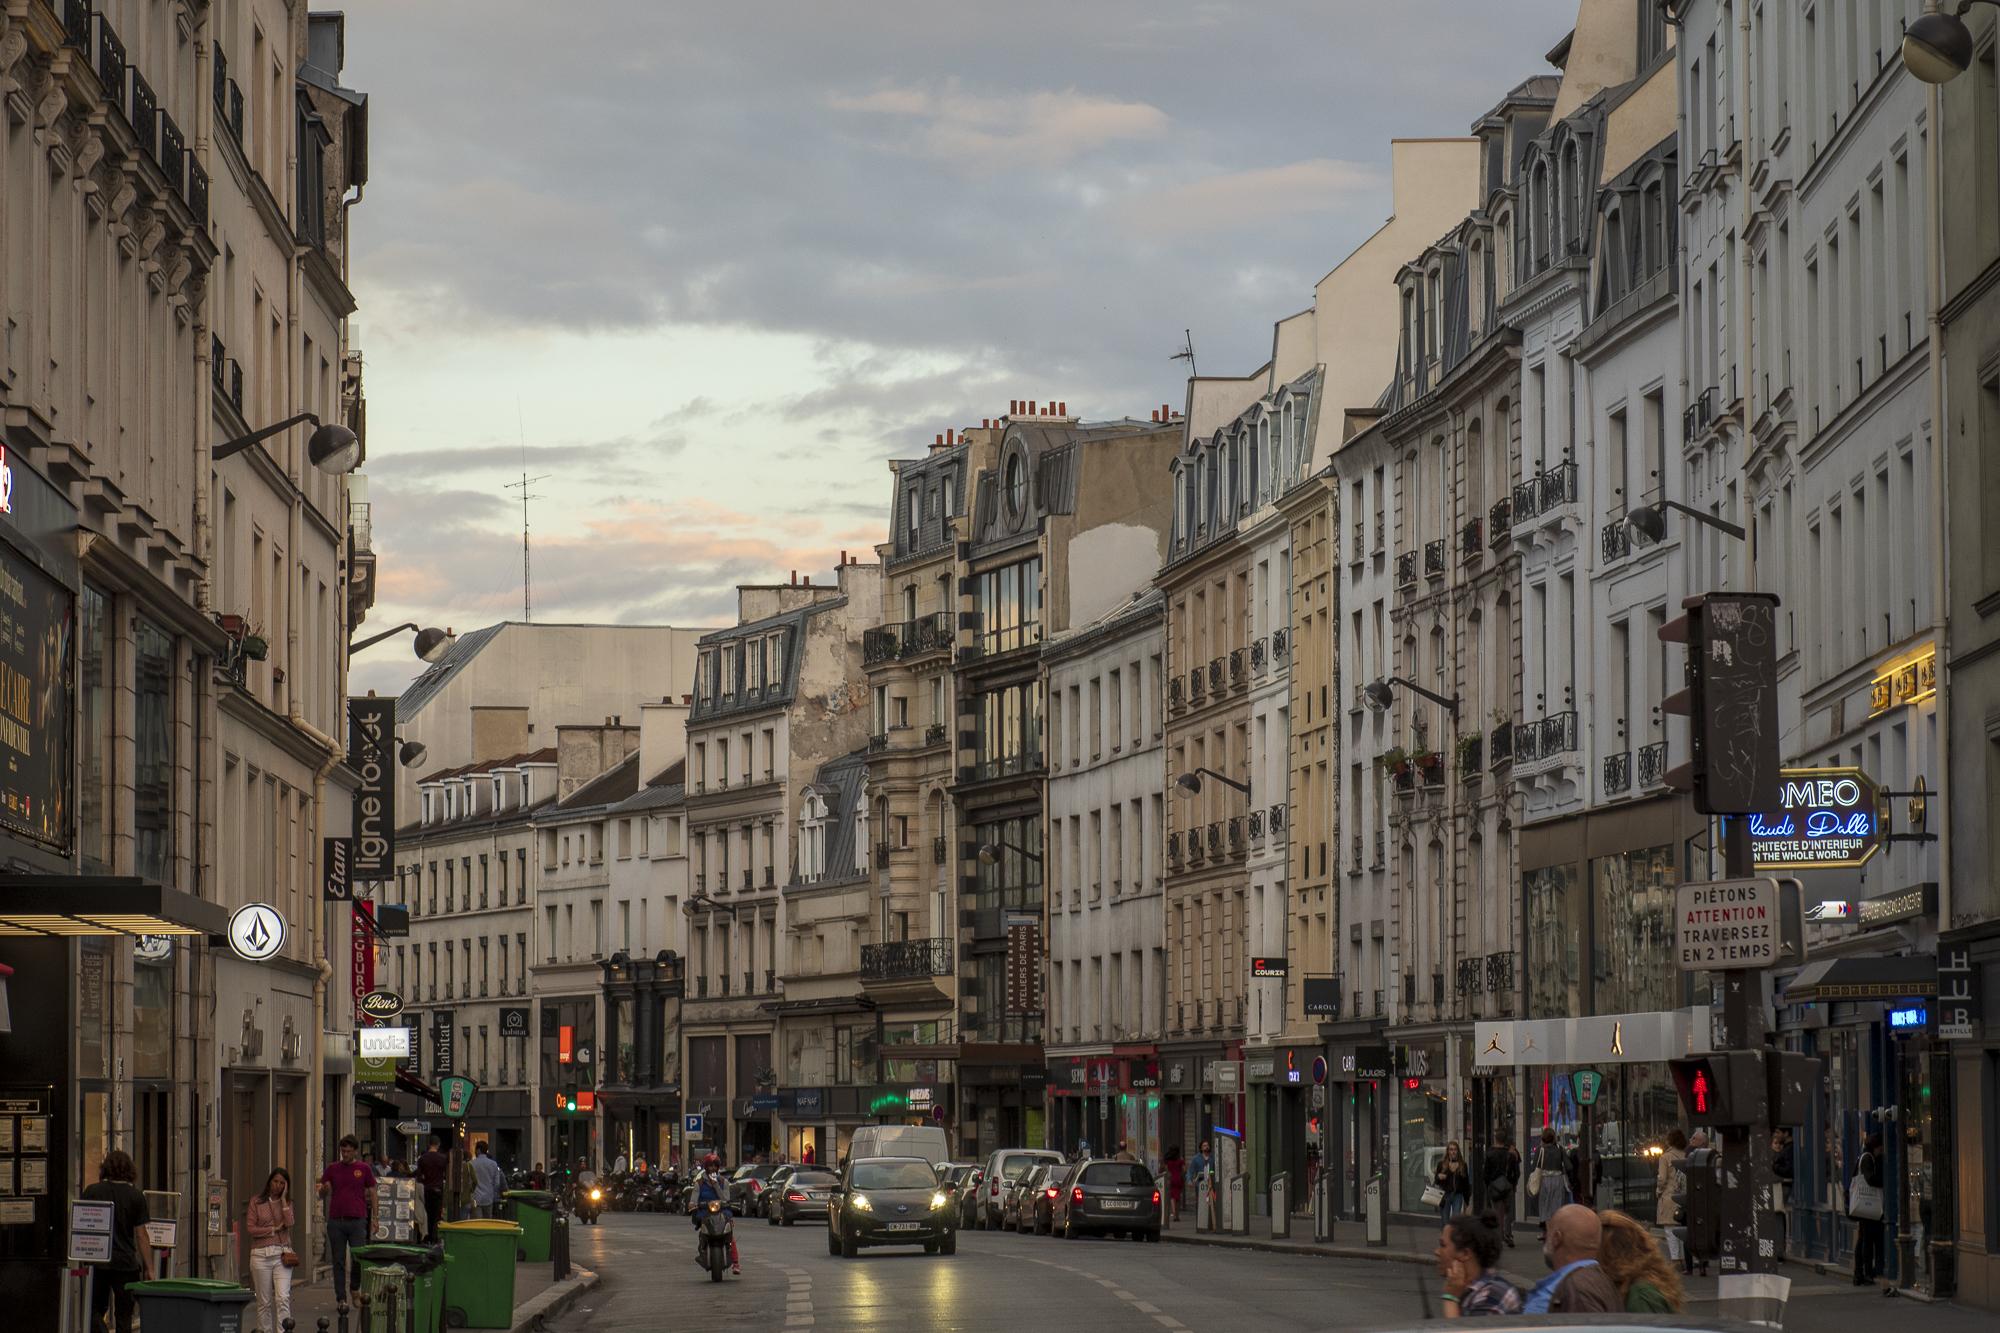 Rue du Faubourg saint-Antoine  PHOTOGRAPHY: ALEXANDER J.E. BRADLEY • NIKON D500 • AF-S NIKKOR 24-70mm ƒ/2.8G ED @ 70MM • Ƒ/8 • 1/100 • ISO 400